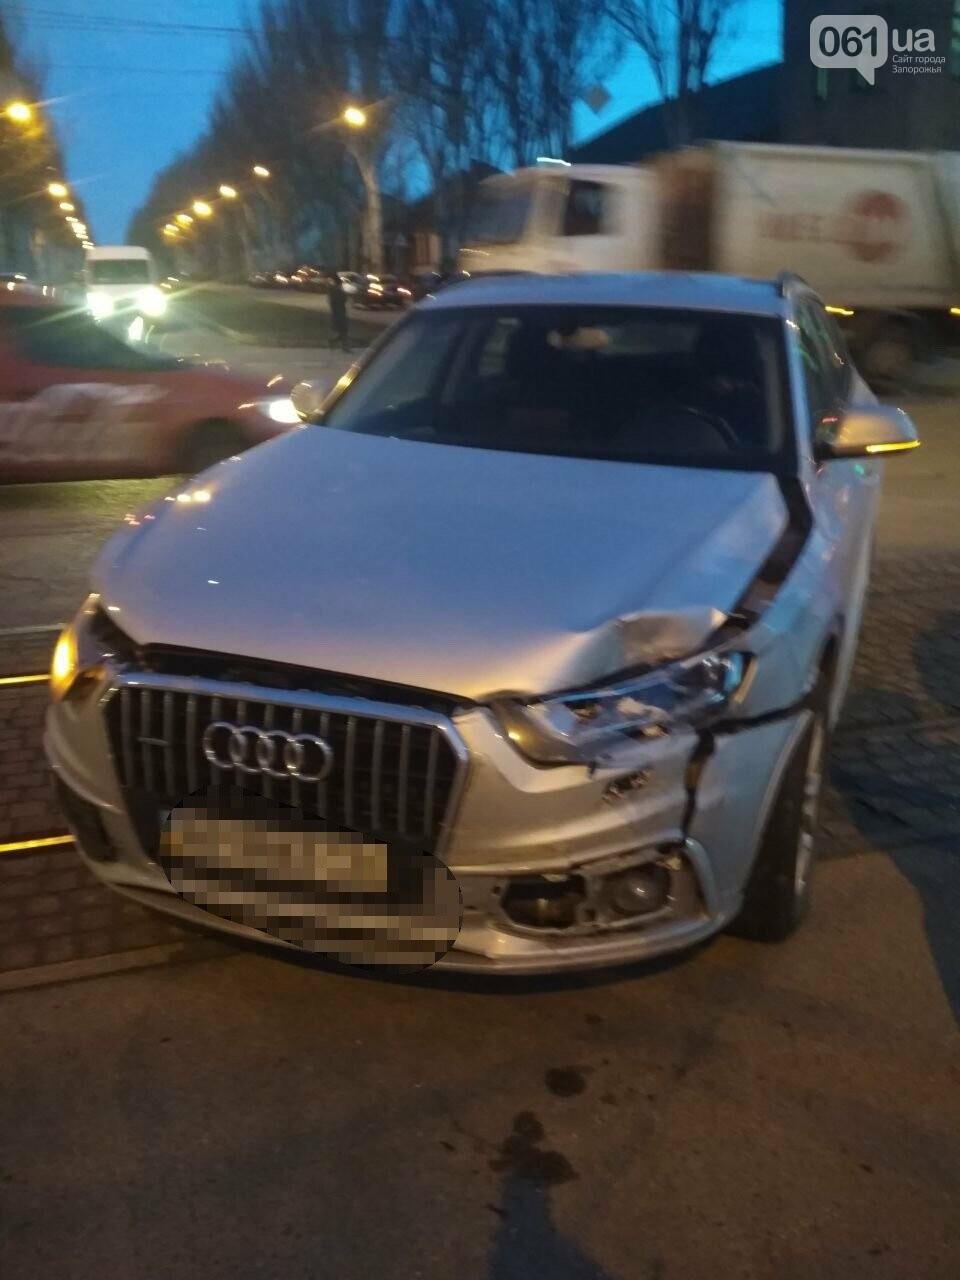 В Запорожье столкнулись два автомобиля, один человек пострадал, - ФОТО, фото-1